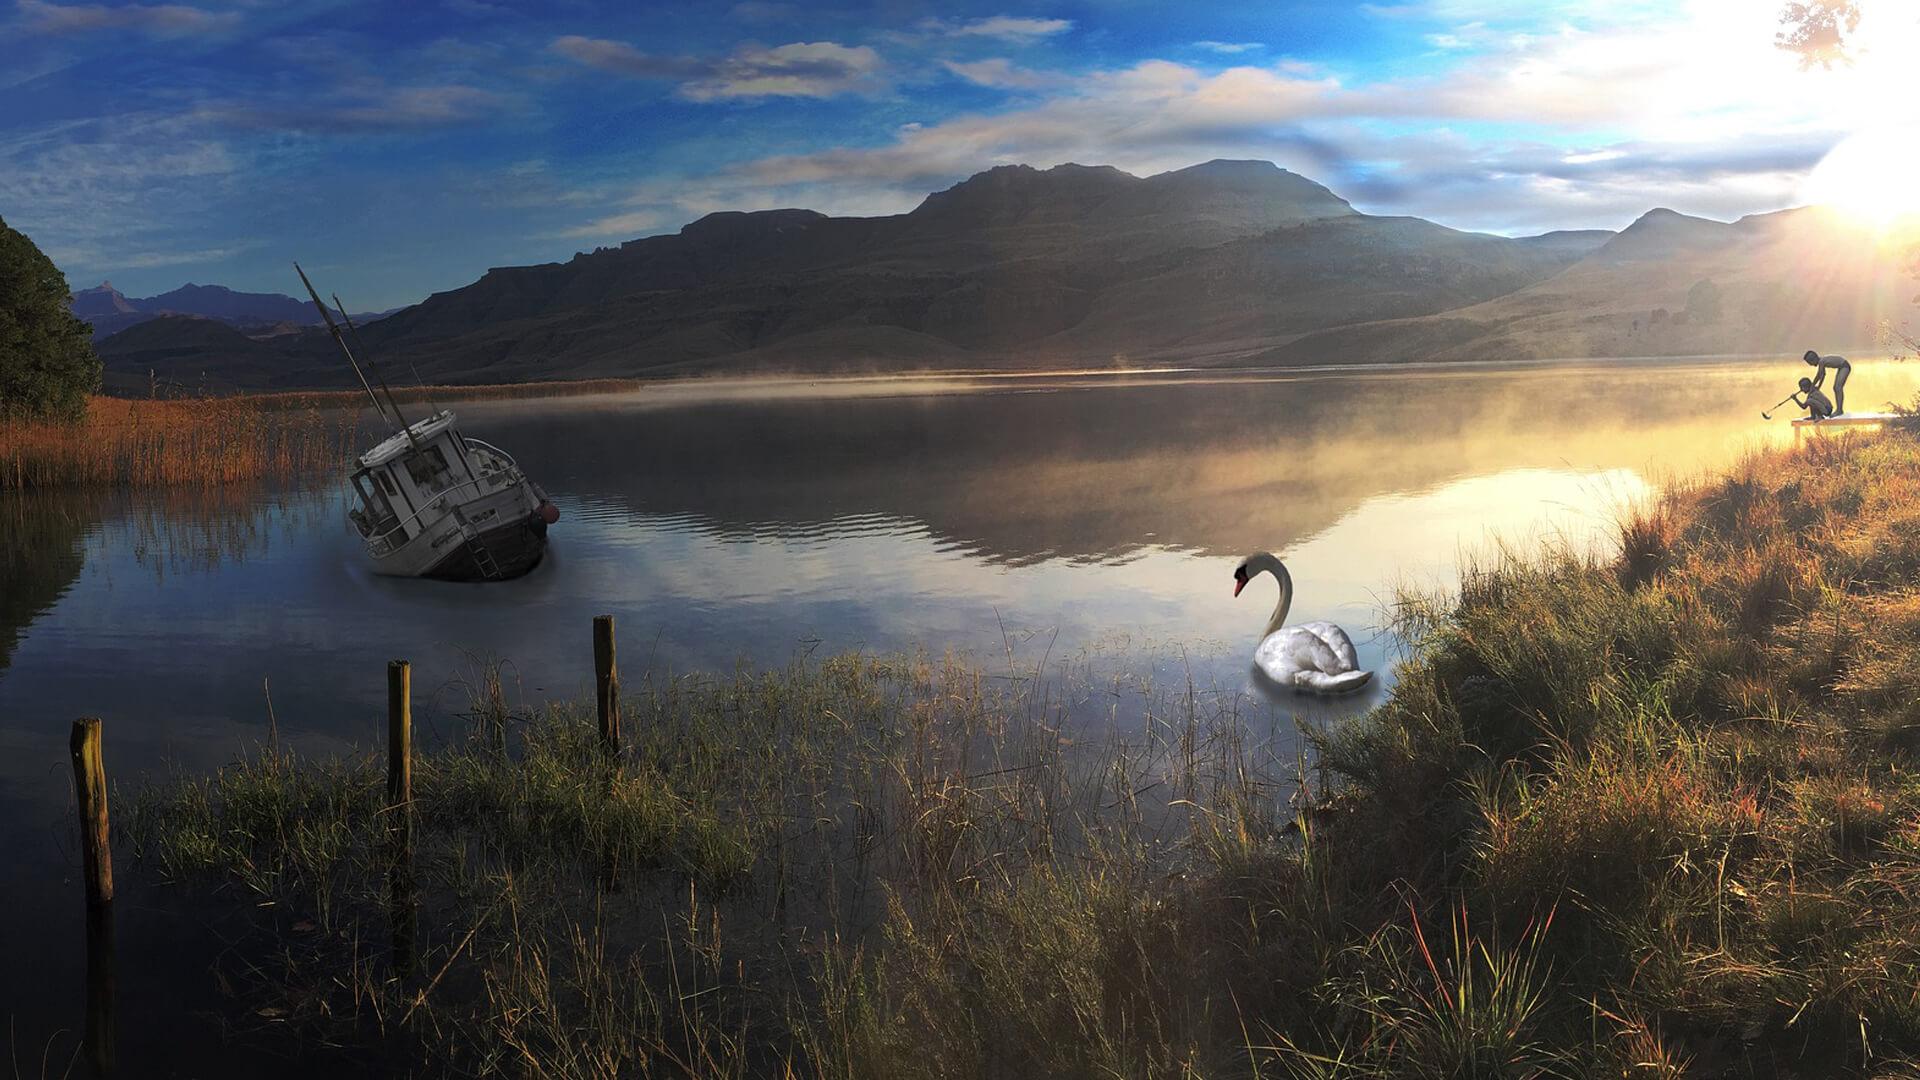 Goûtez à la beauté de l'Afrique du Sud